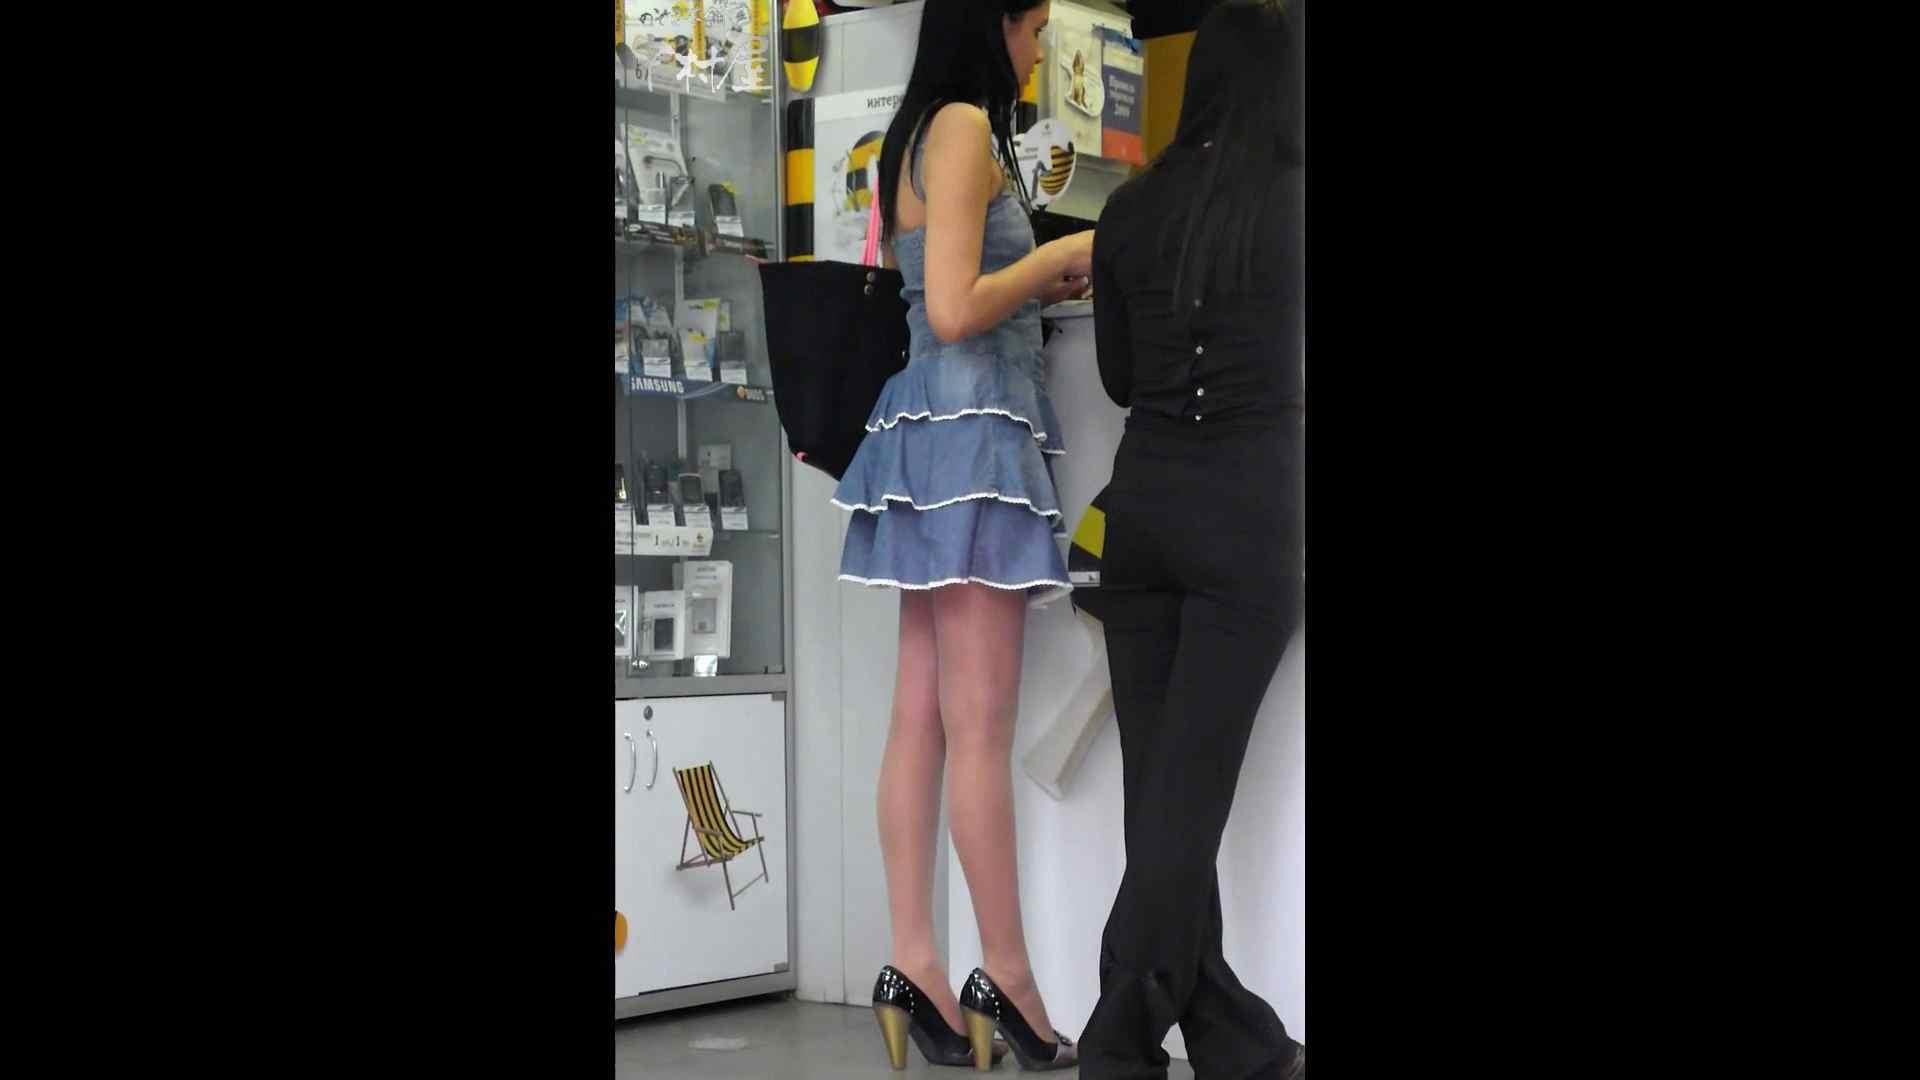 綺麗なモデルさんのスカート捲っちゃおう‼ vol18 美しいOLの裸体 | お姉さん丸裸  87pic 34